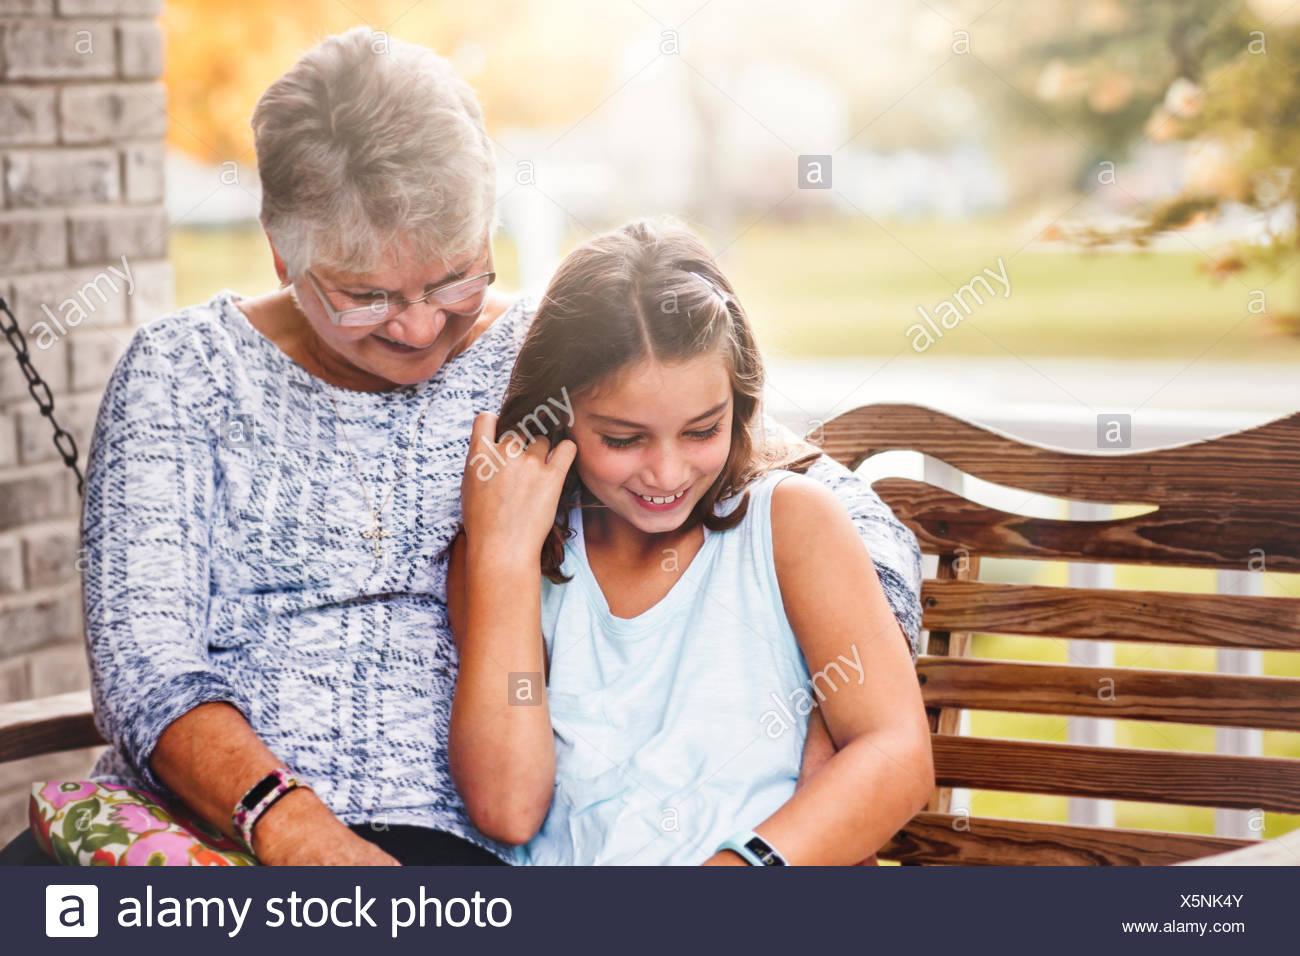 gro mutter und enkeltochter sitzen auf der veranda schaukel lachen stockfoto bild 278915195. Black Bedroom Furniture Sets. Home Design Ideas